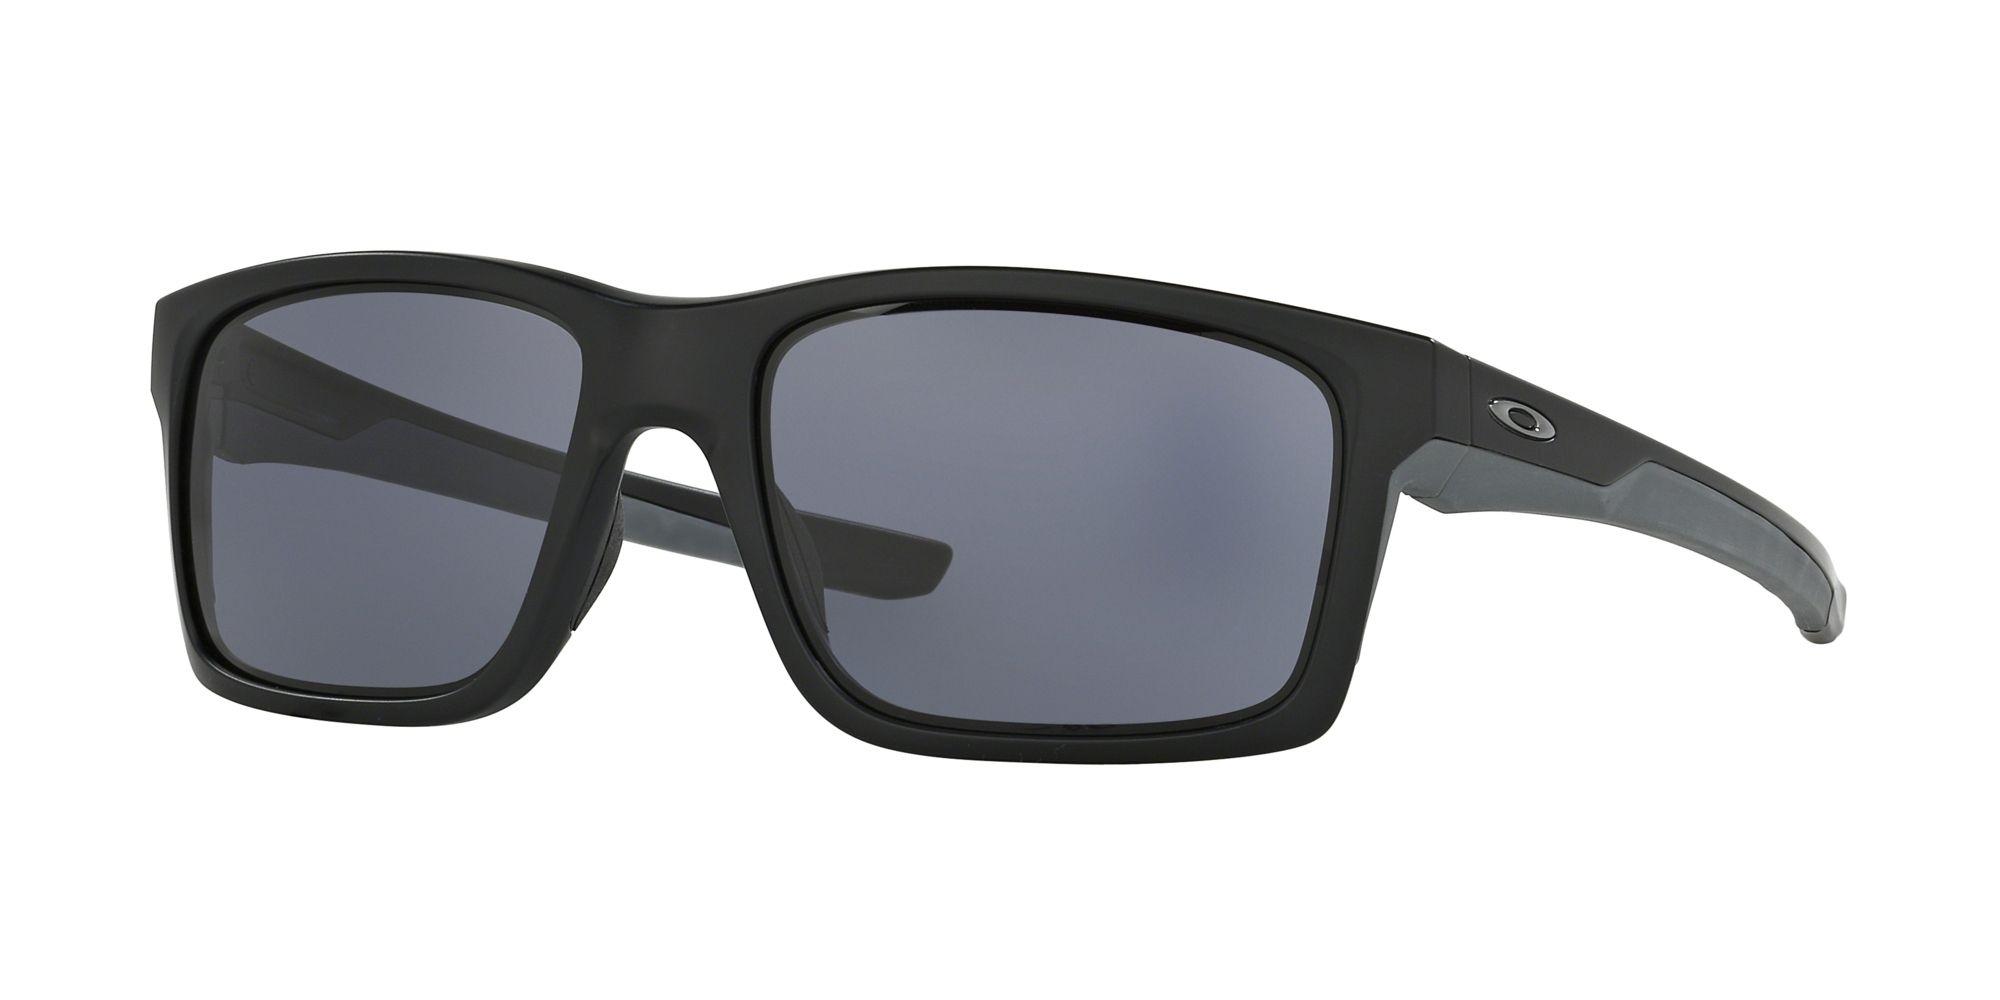 Oakley Grey Square Sunglasses - OO9264-01